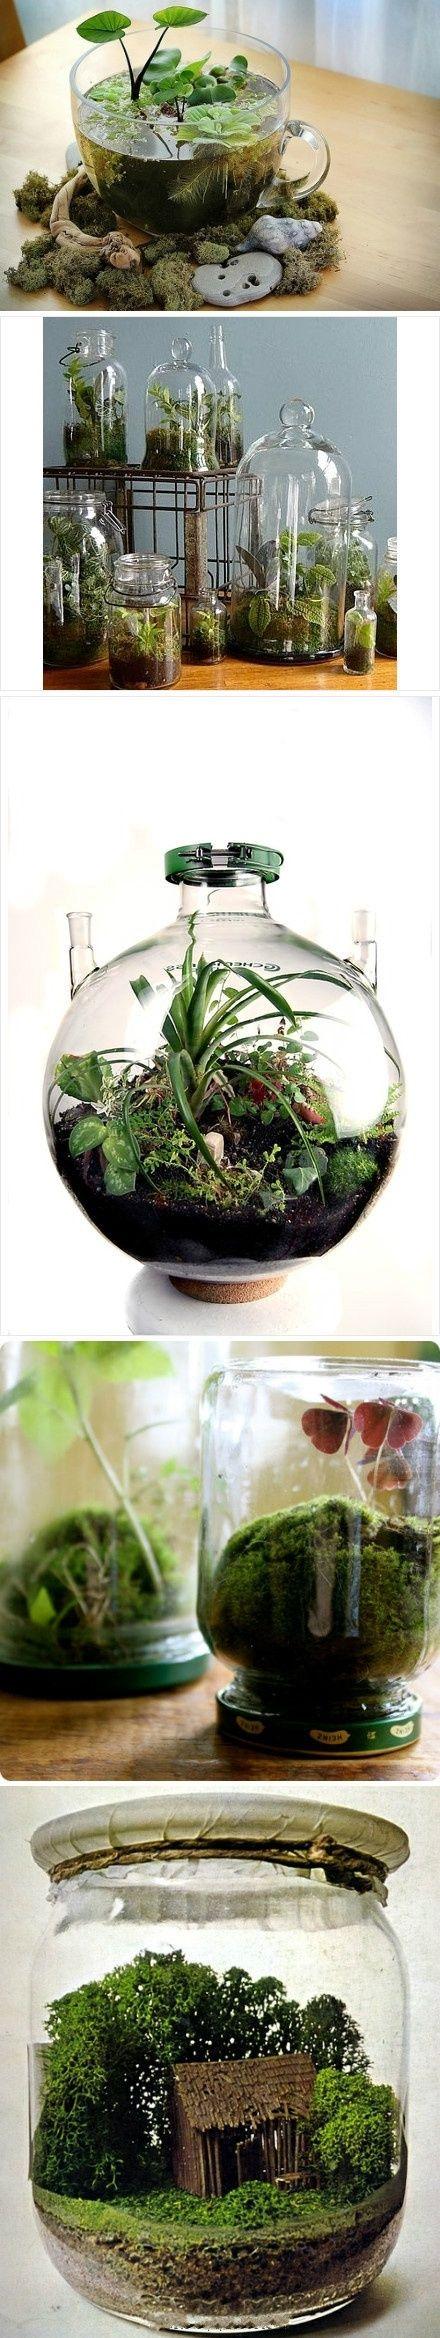 Bottle terrariums - cool :)